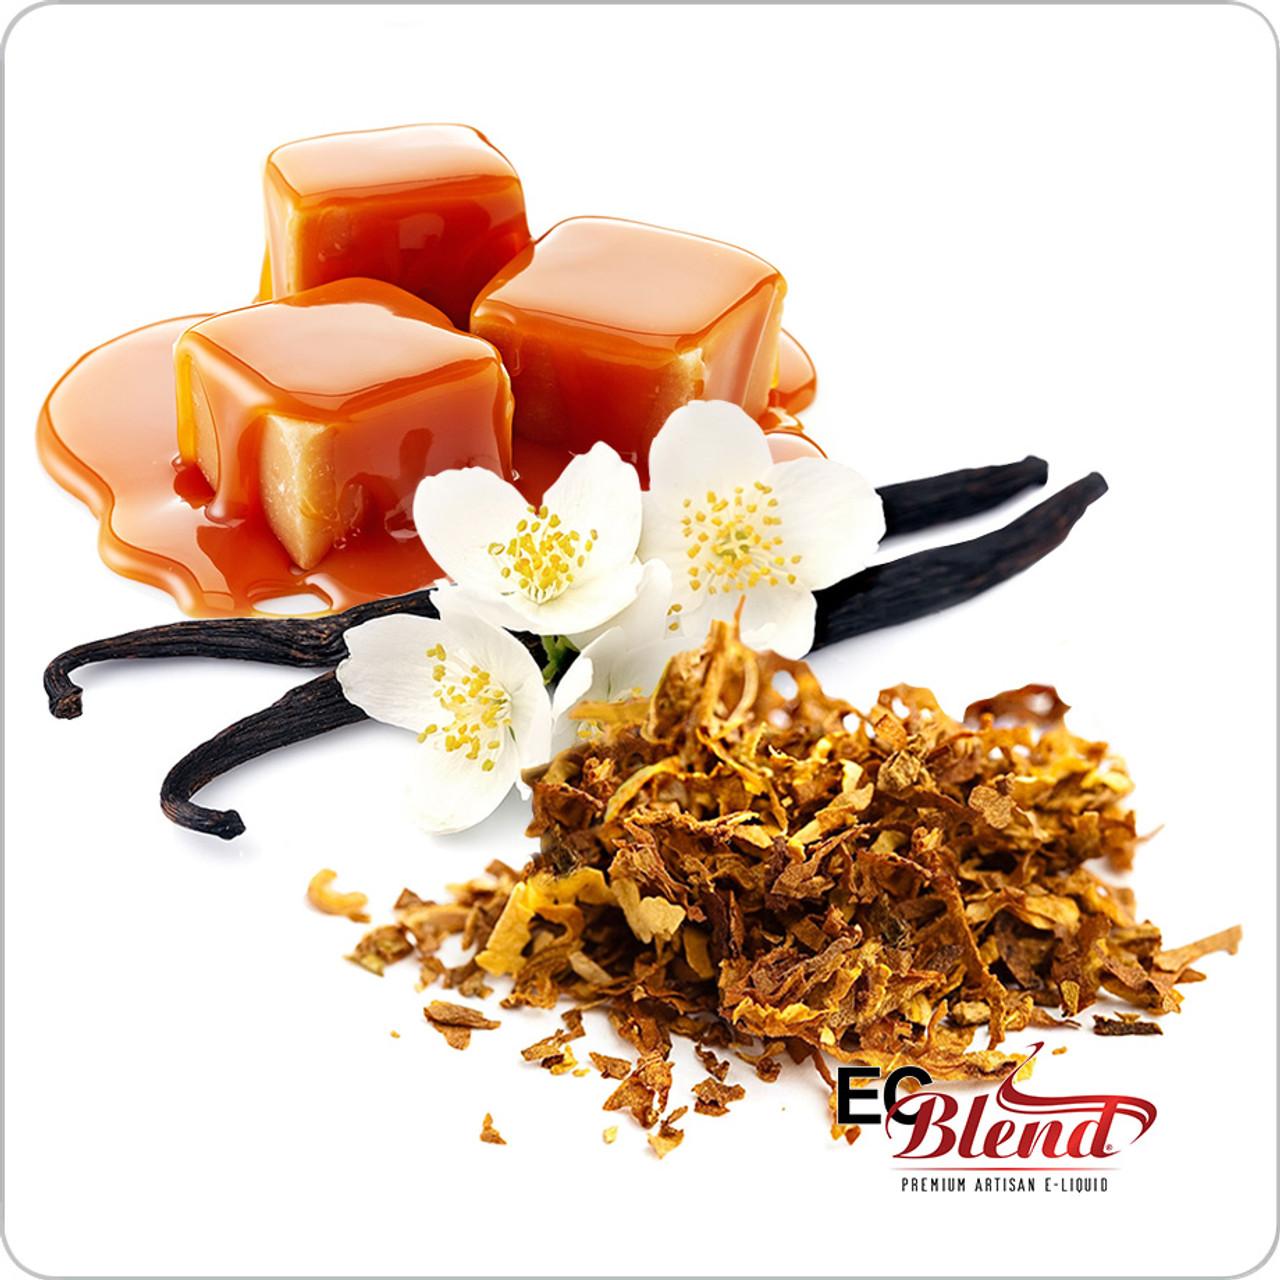 RY 4 Tobacco (E-Liquid Flavor)